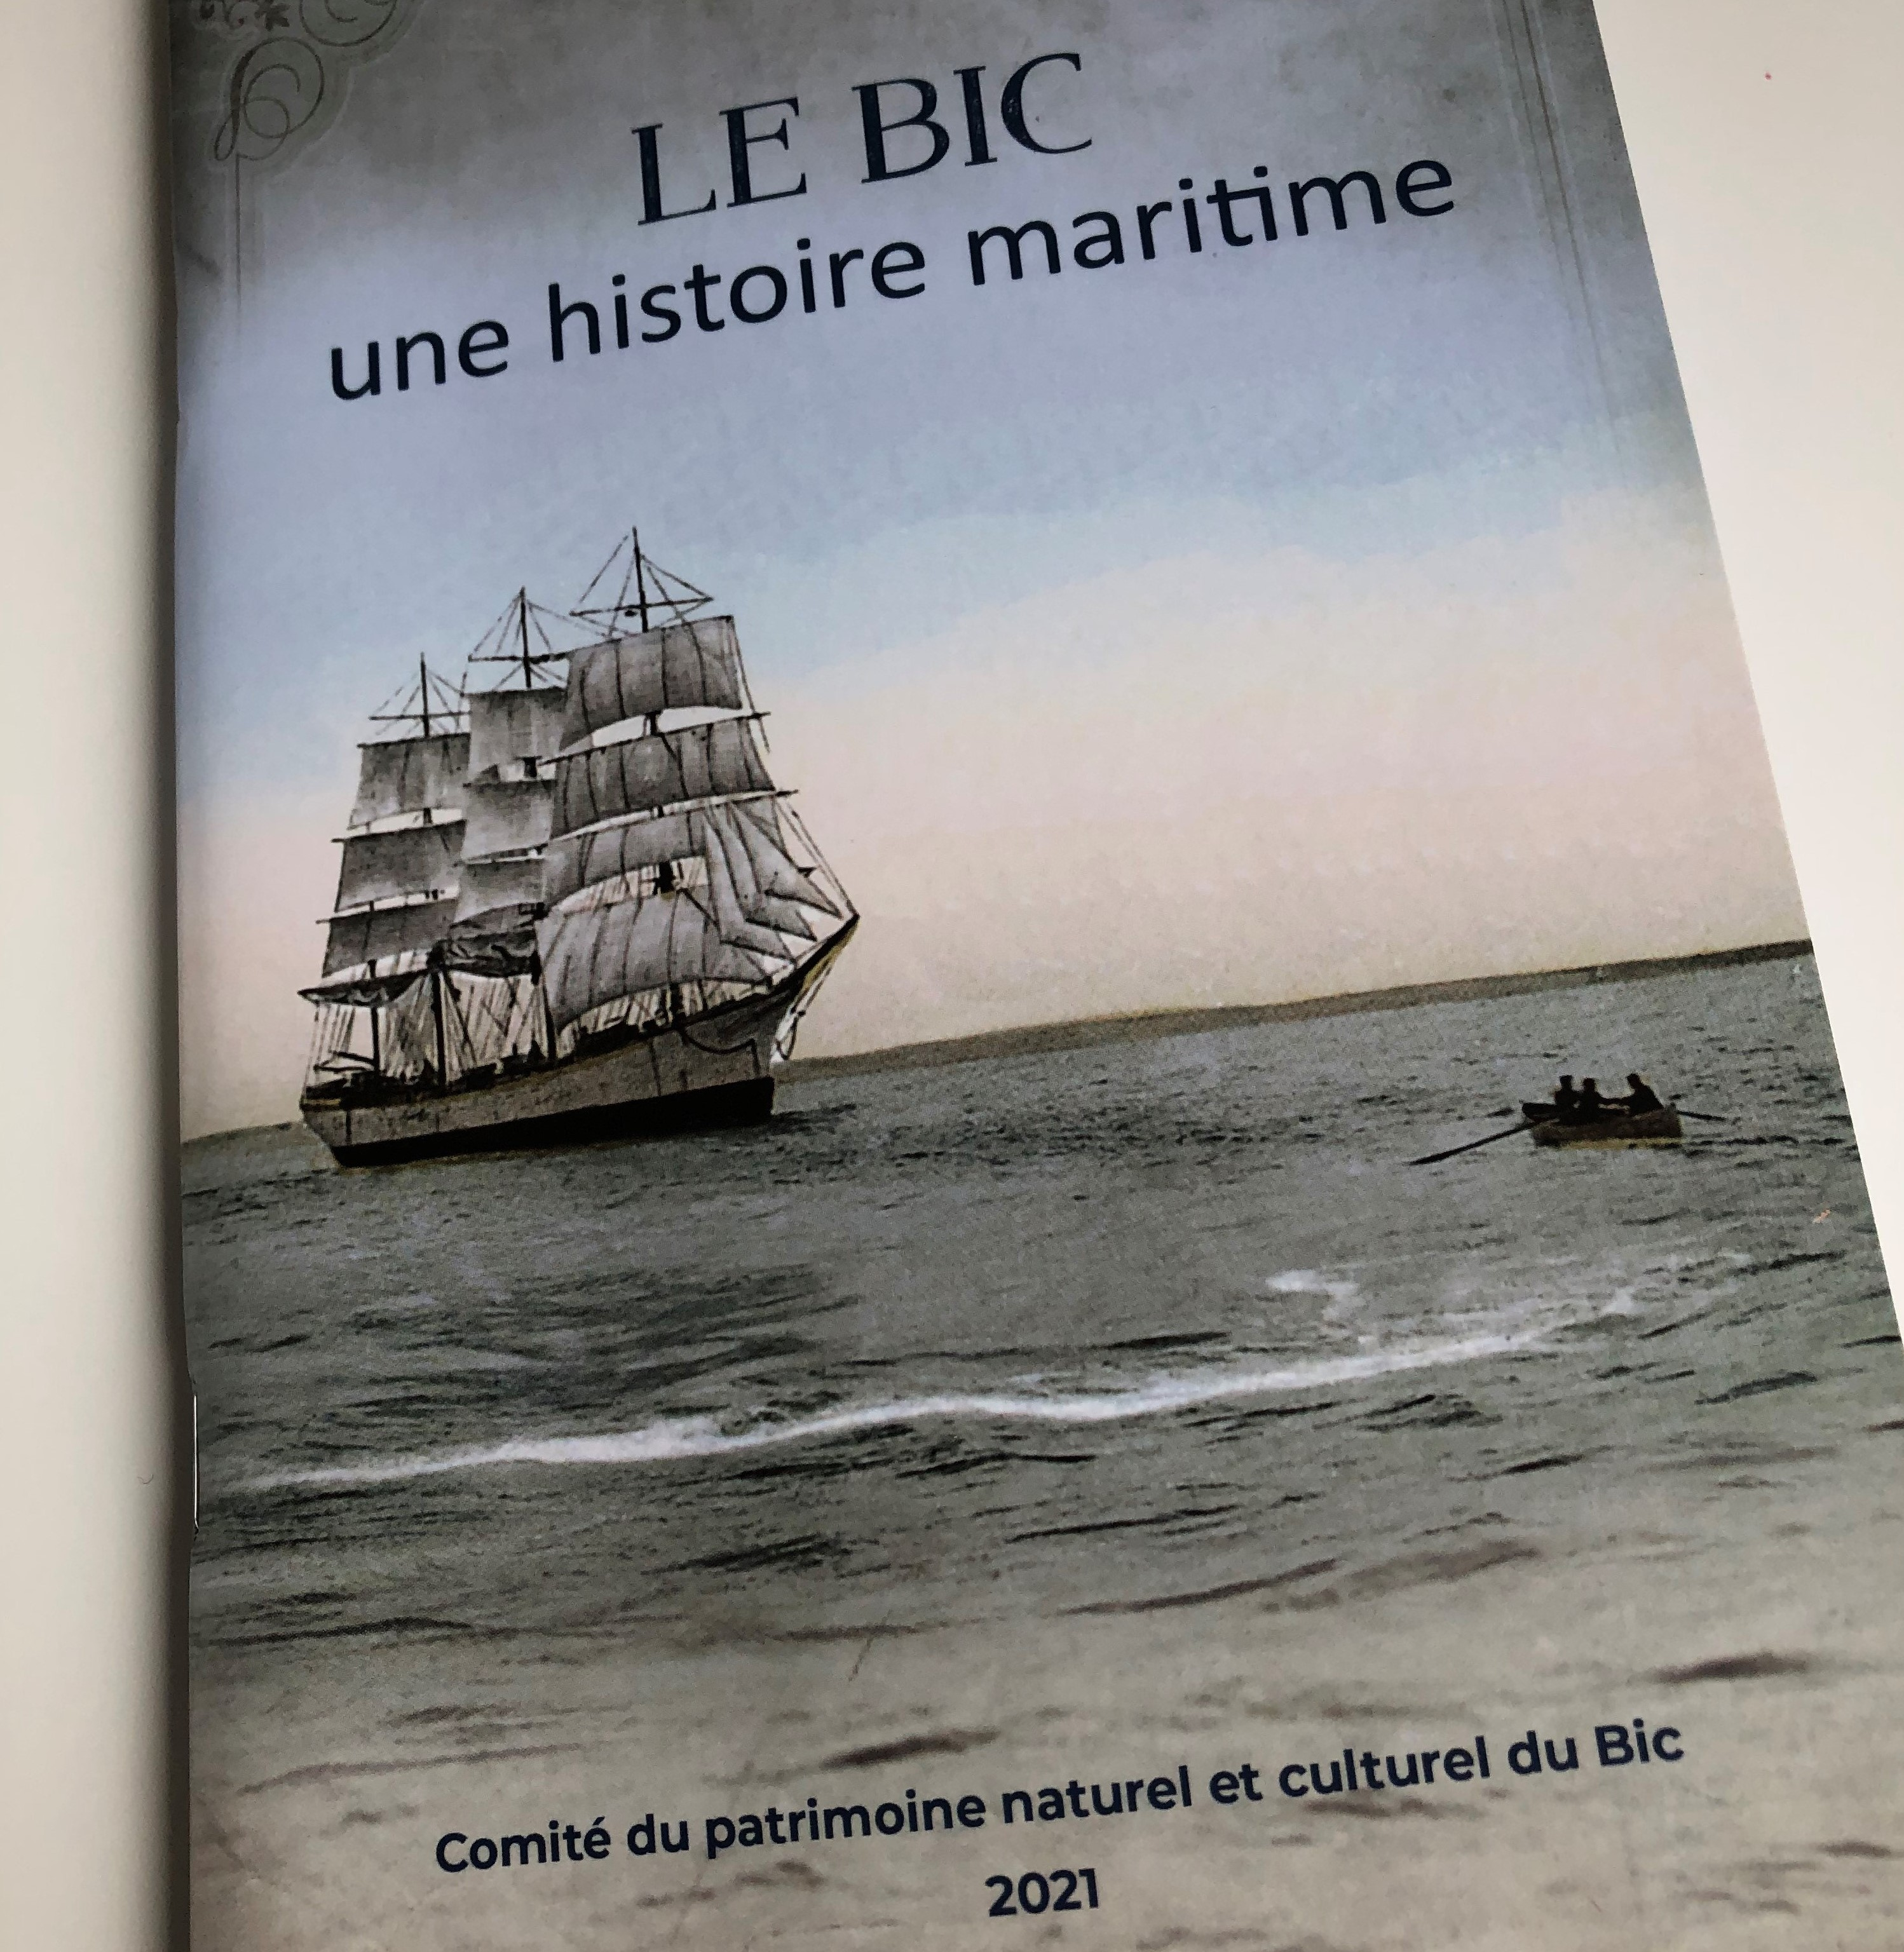 Le Comité du patrimoine naturel et culturel du Bic veut faire découvrir l'histoire maritime de sa communauté avec le livre « Le Bic - Une histoire maritime ».